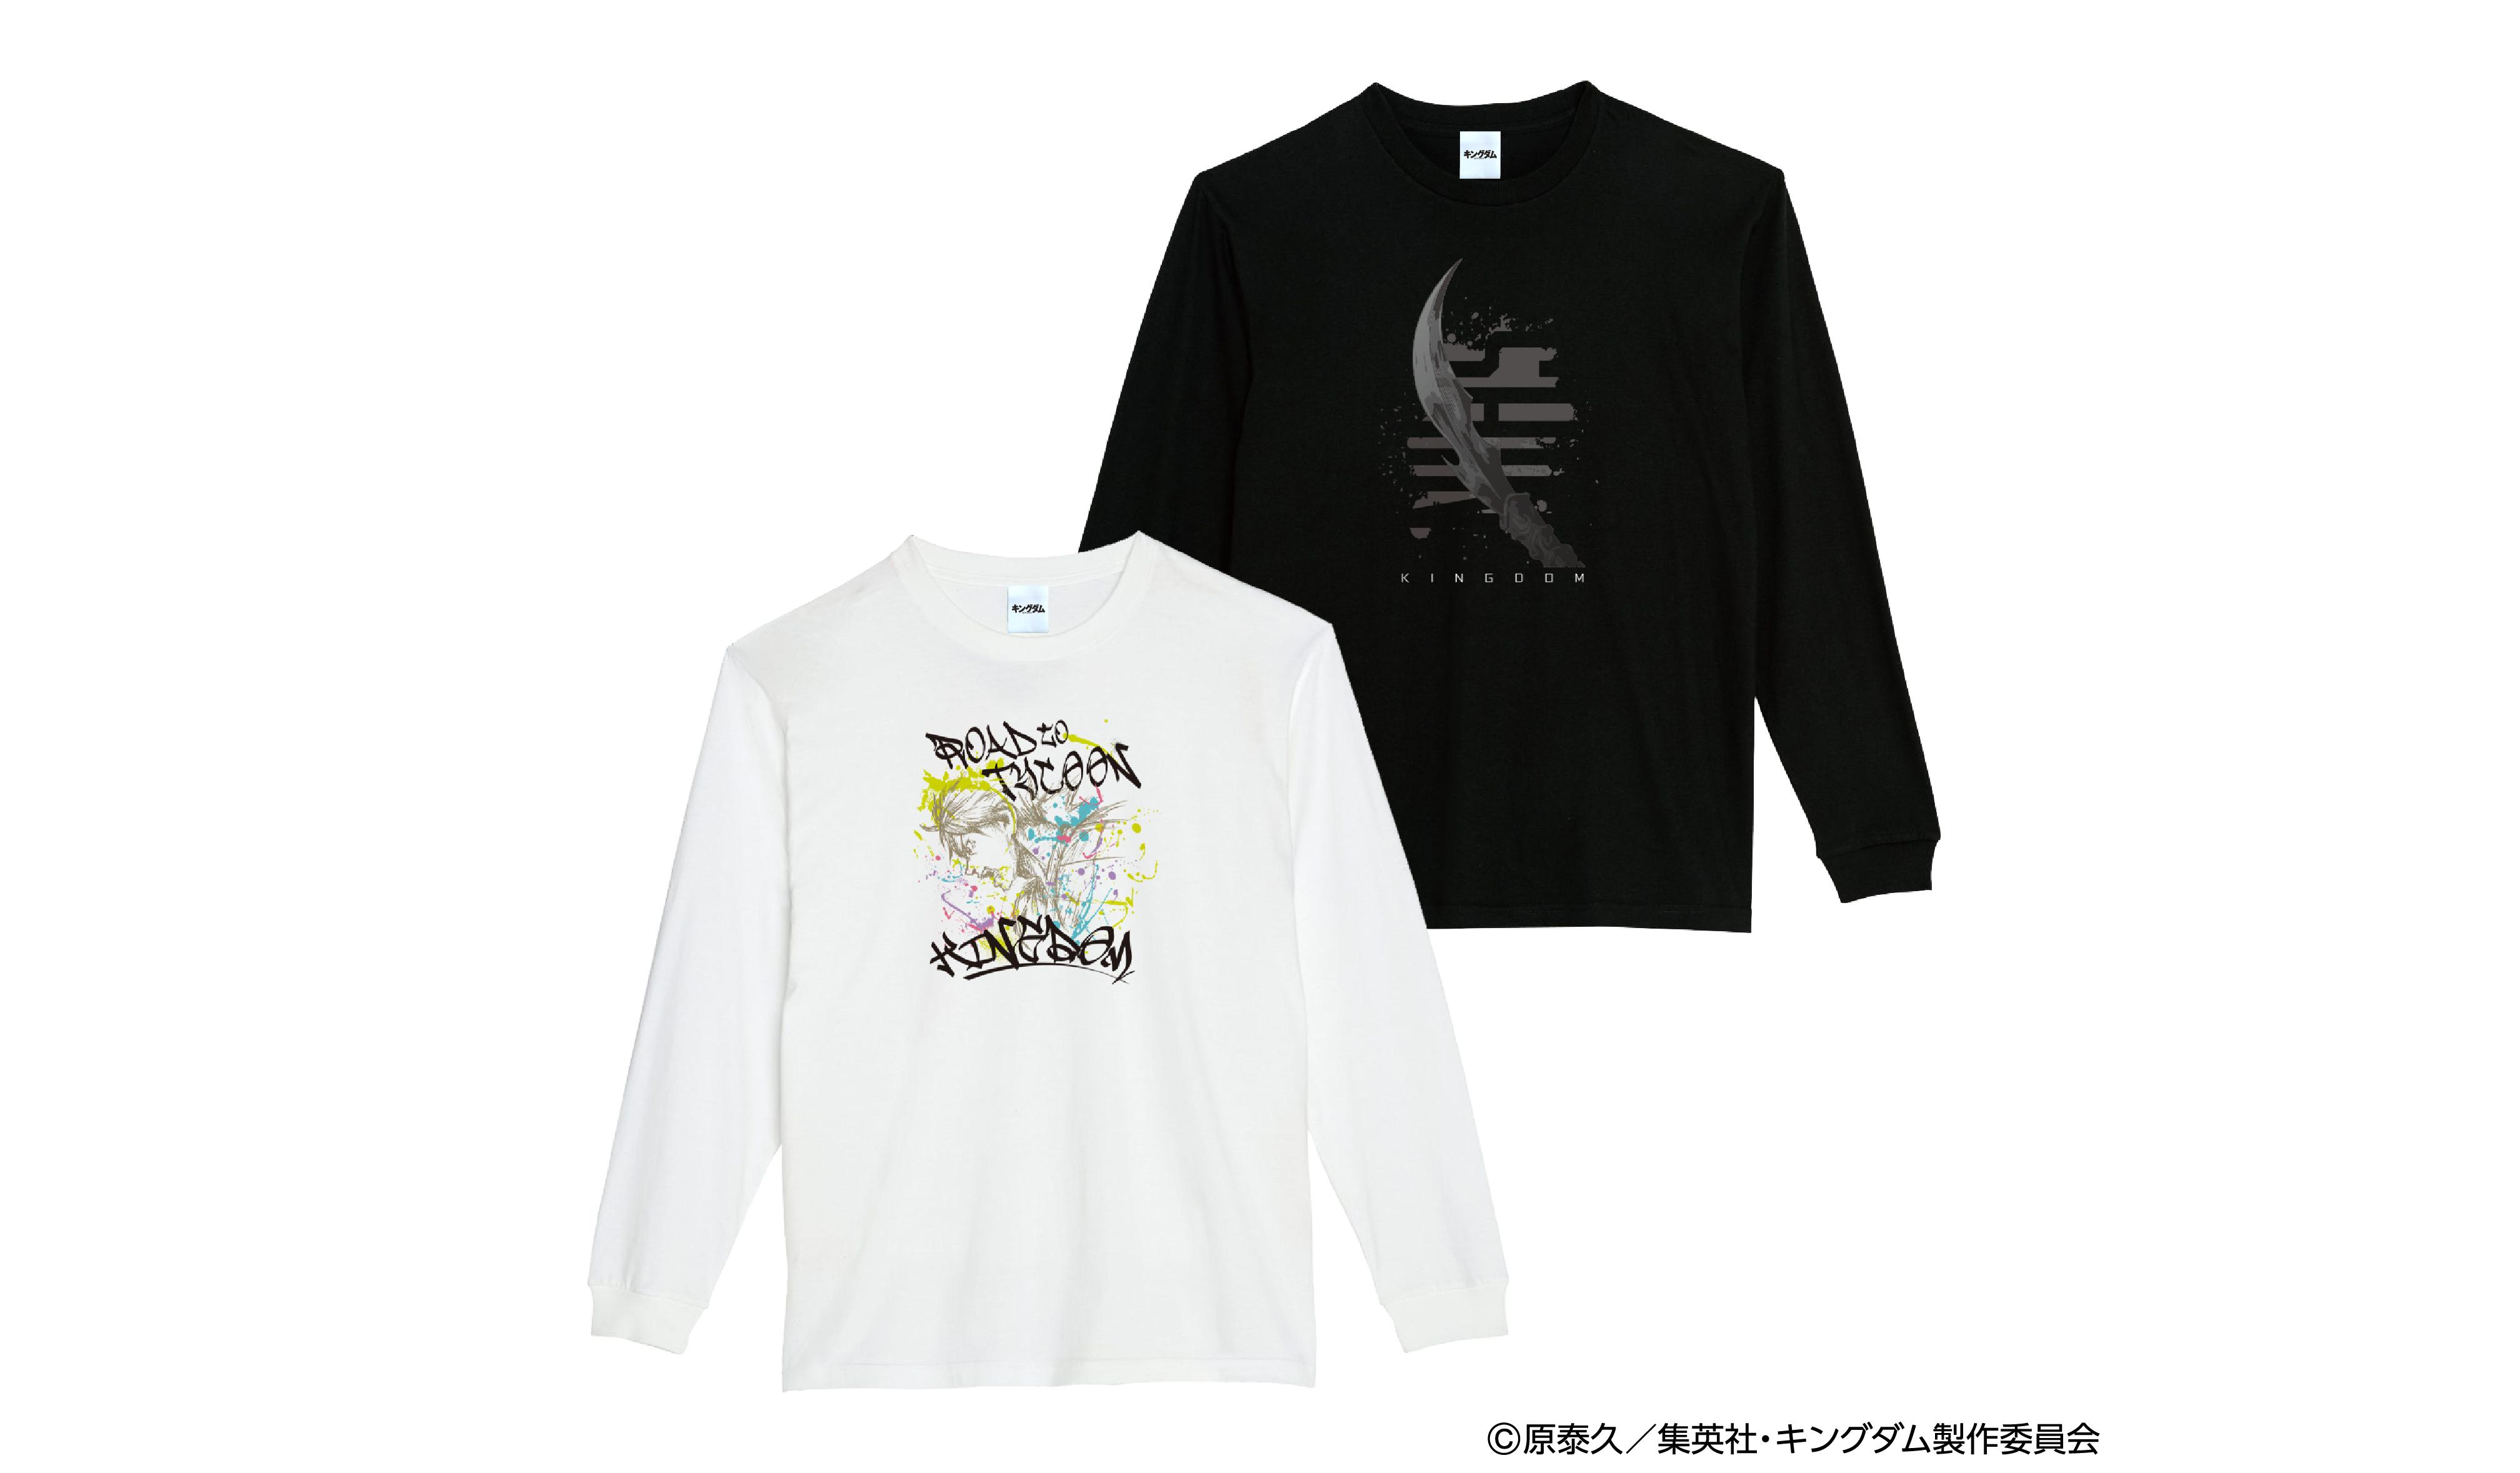 キングダム L/S Tシャツ 信 ※5/28(金)より順次発送※